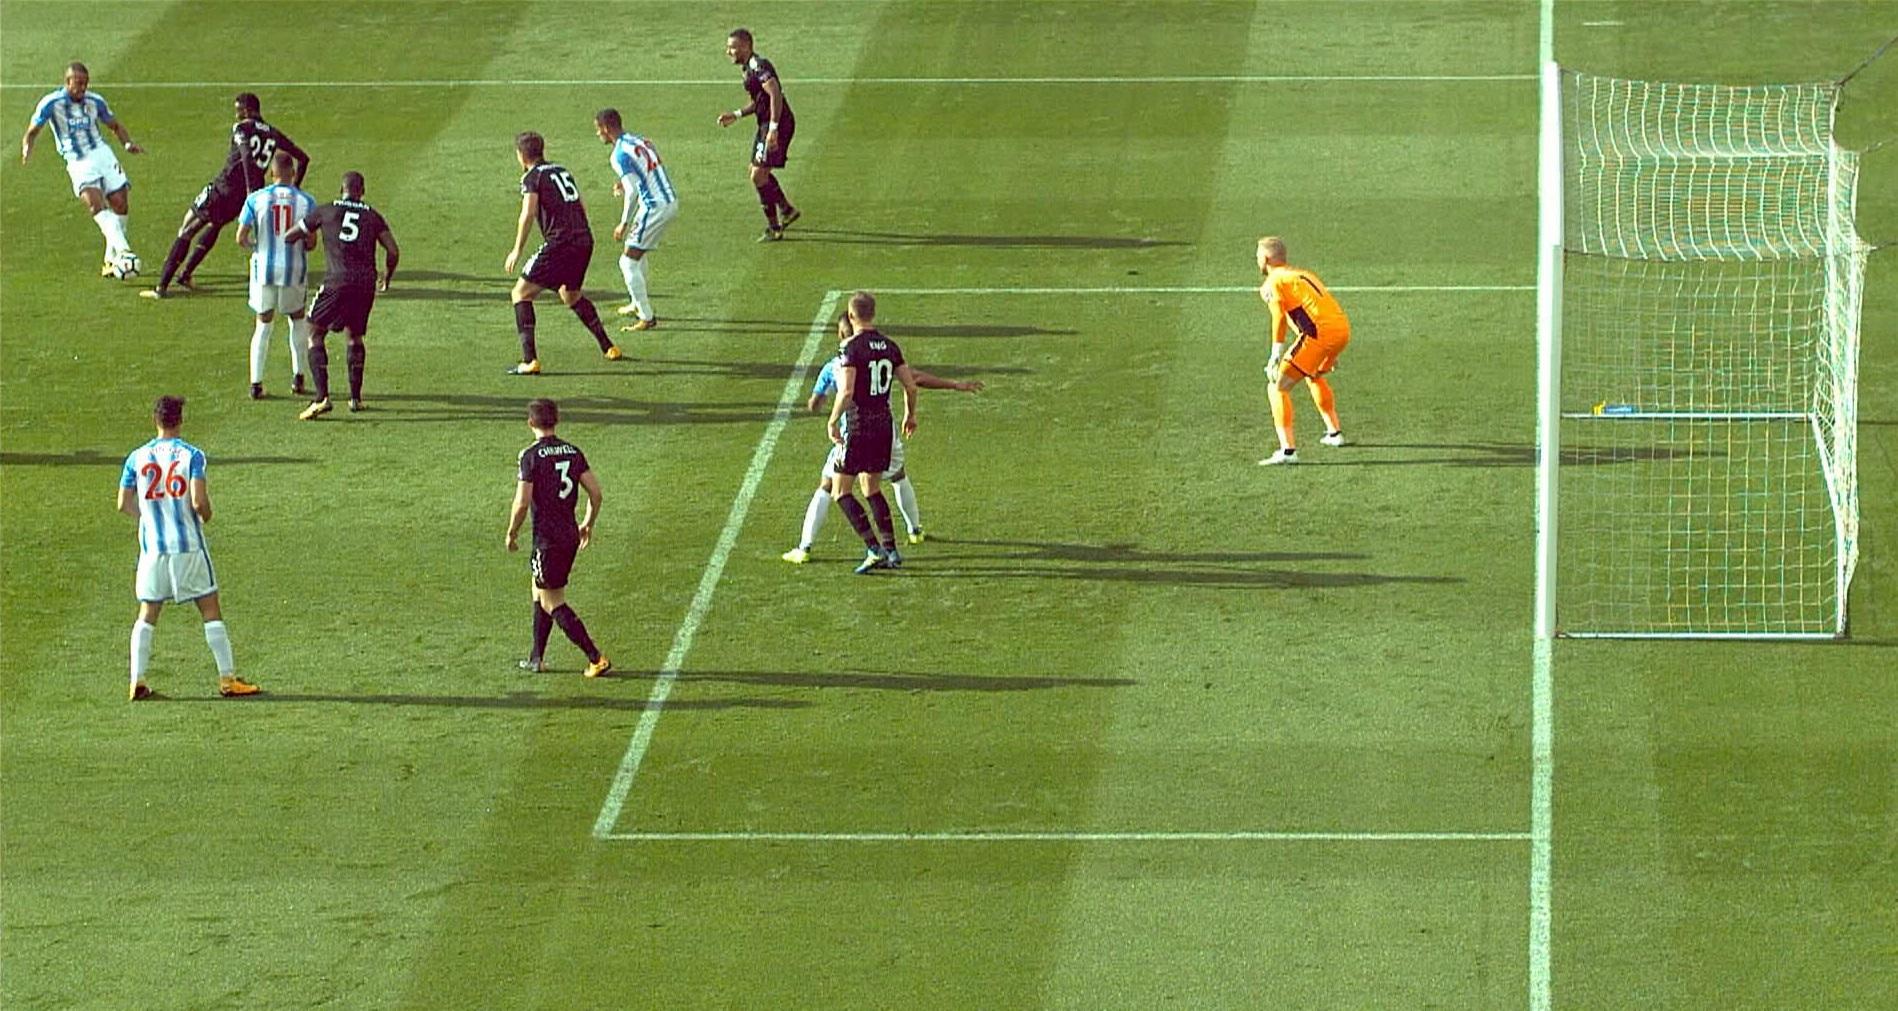 W tej sytuacji sędzia liniowy dopatrzył się spalonego pozbawiając Huddersfield zwycięskiego gola w starciu z Leicester City